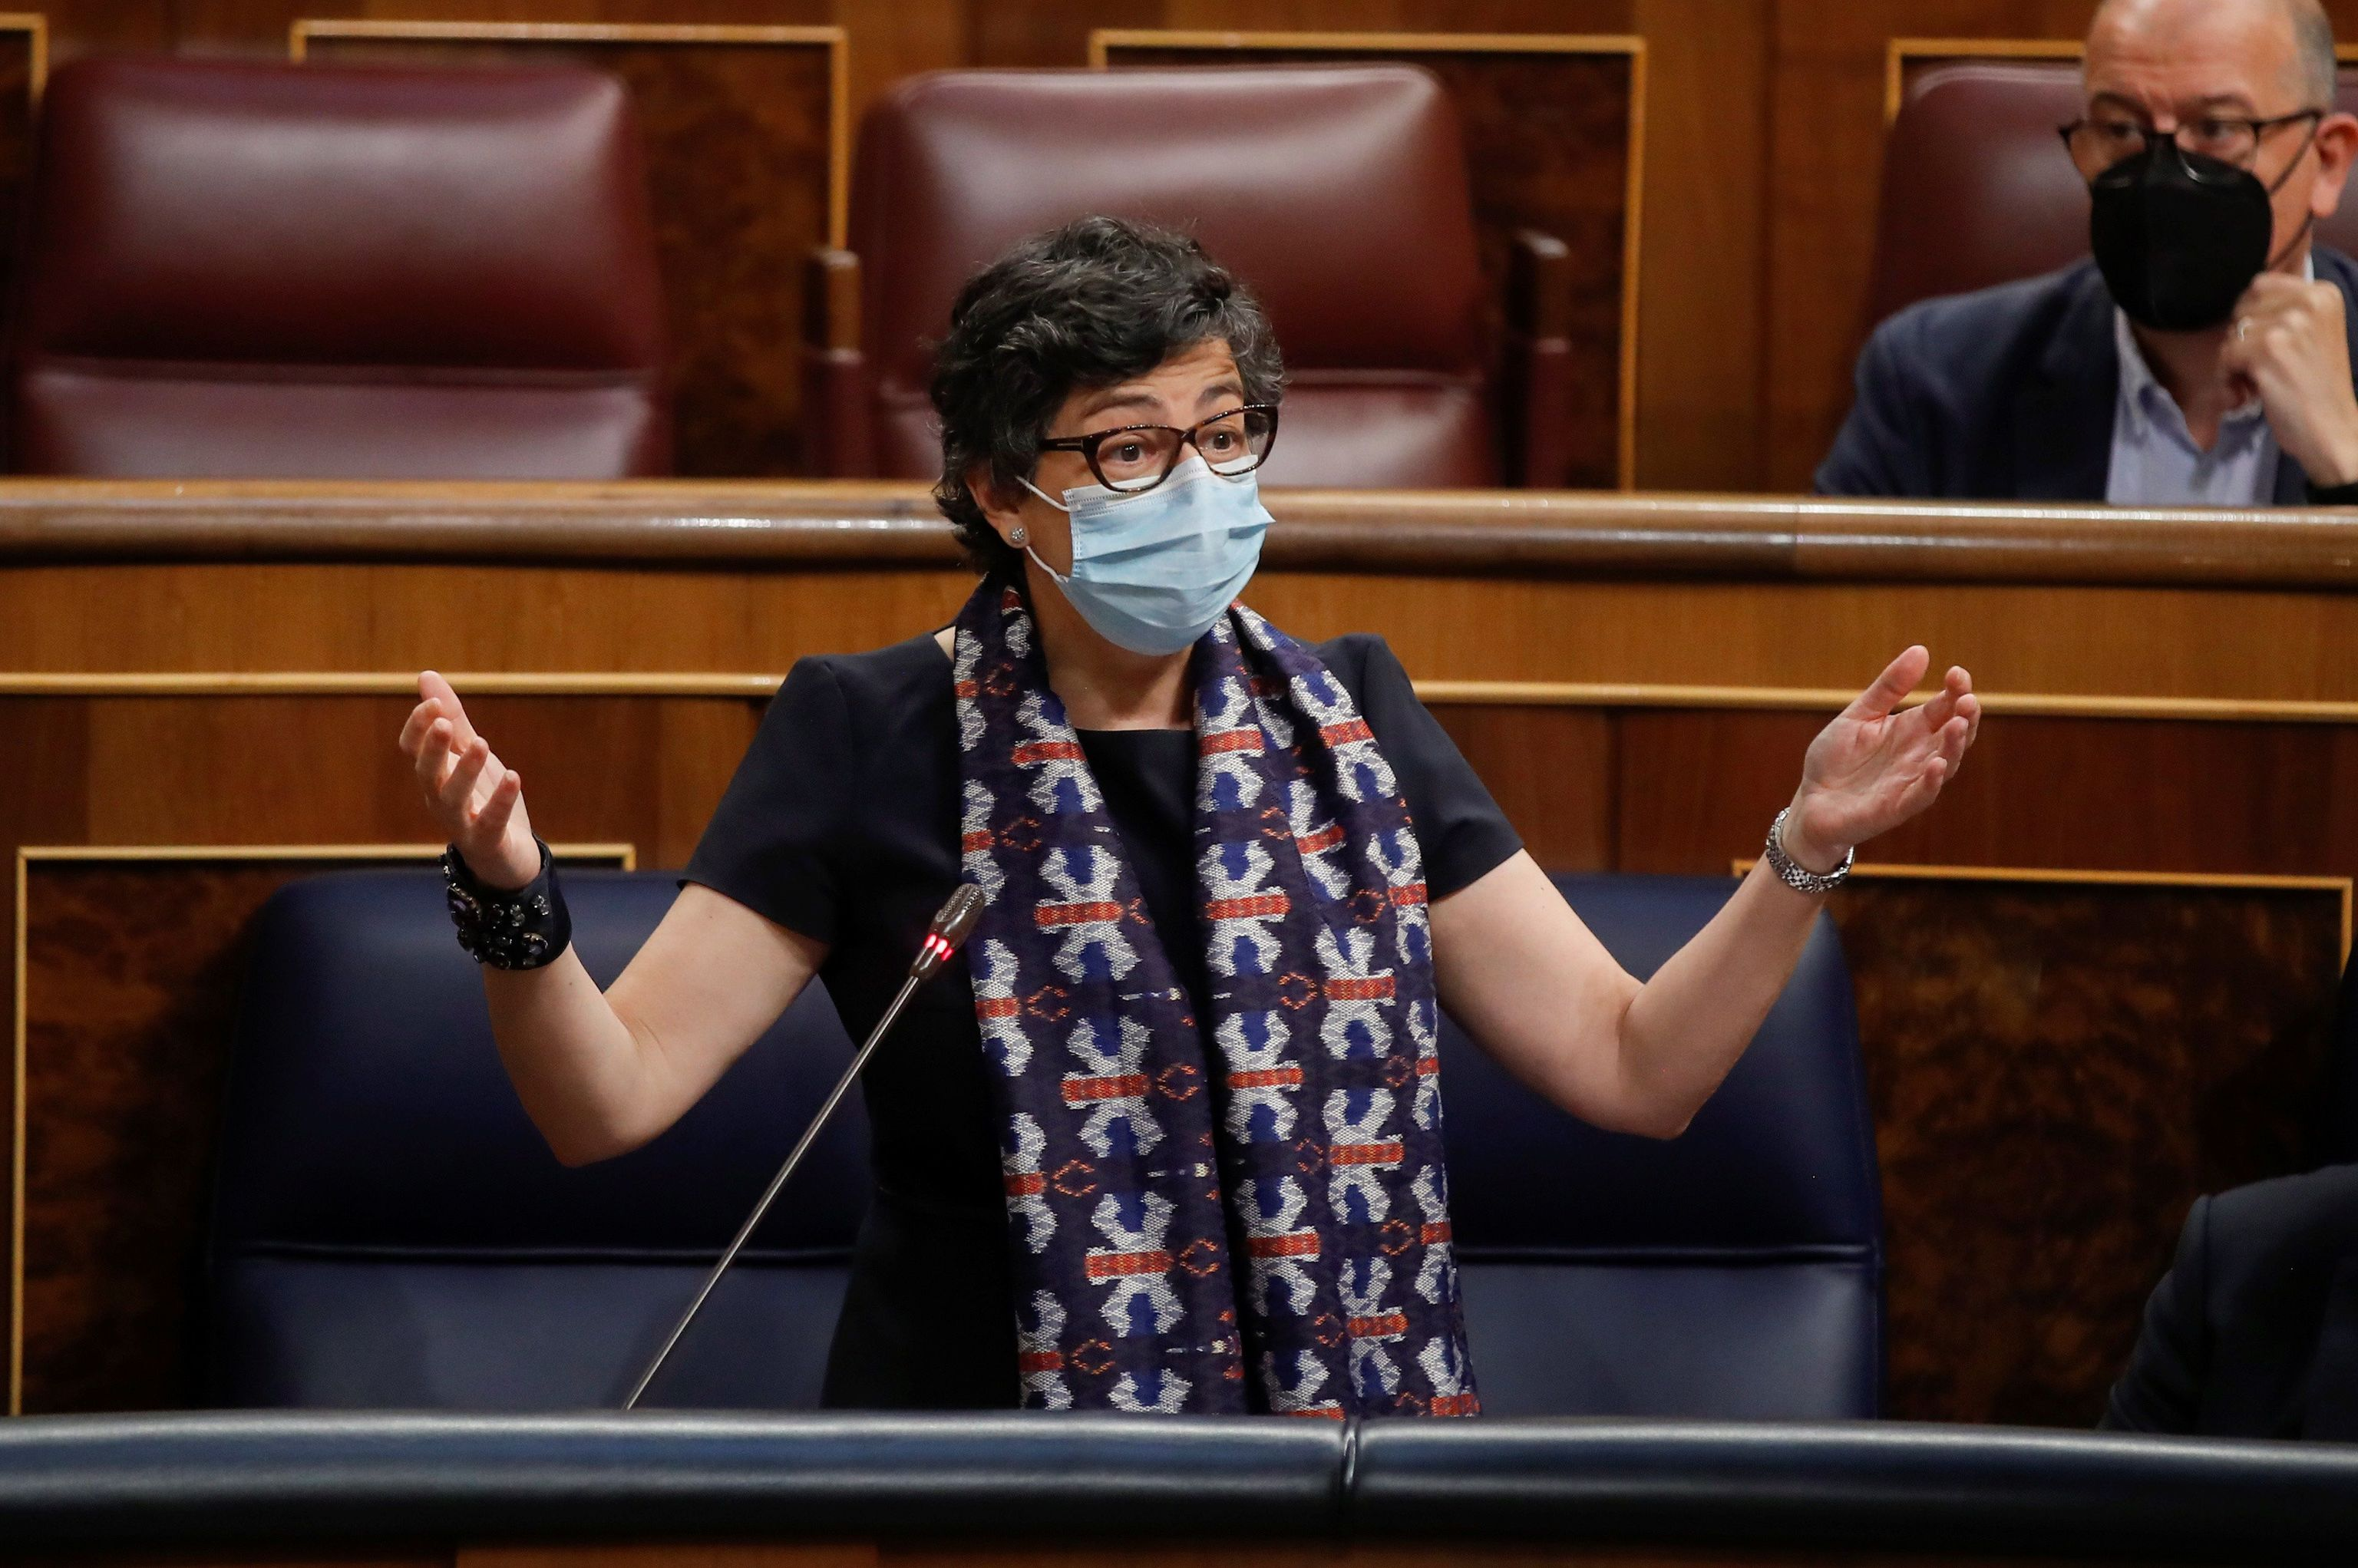 La ministra Arancha González Laya, este miércoles en el Congreso. EFE